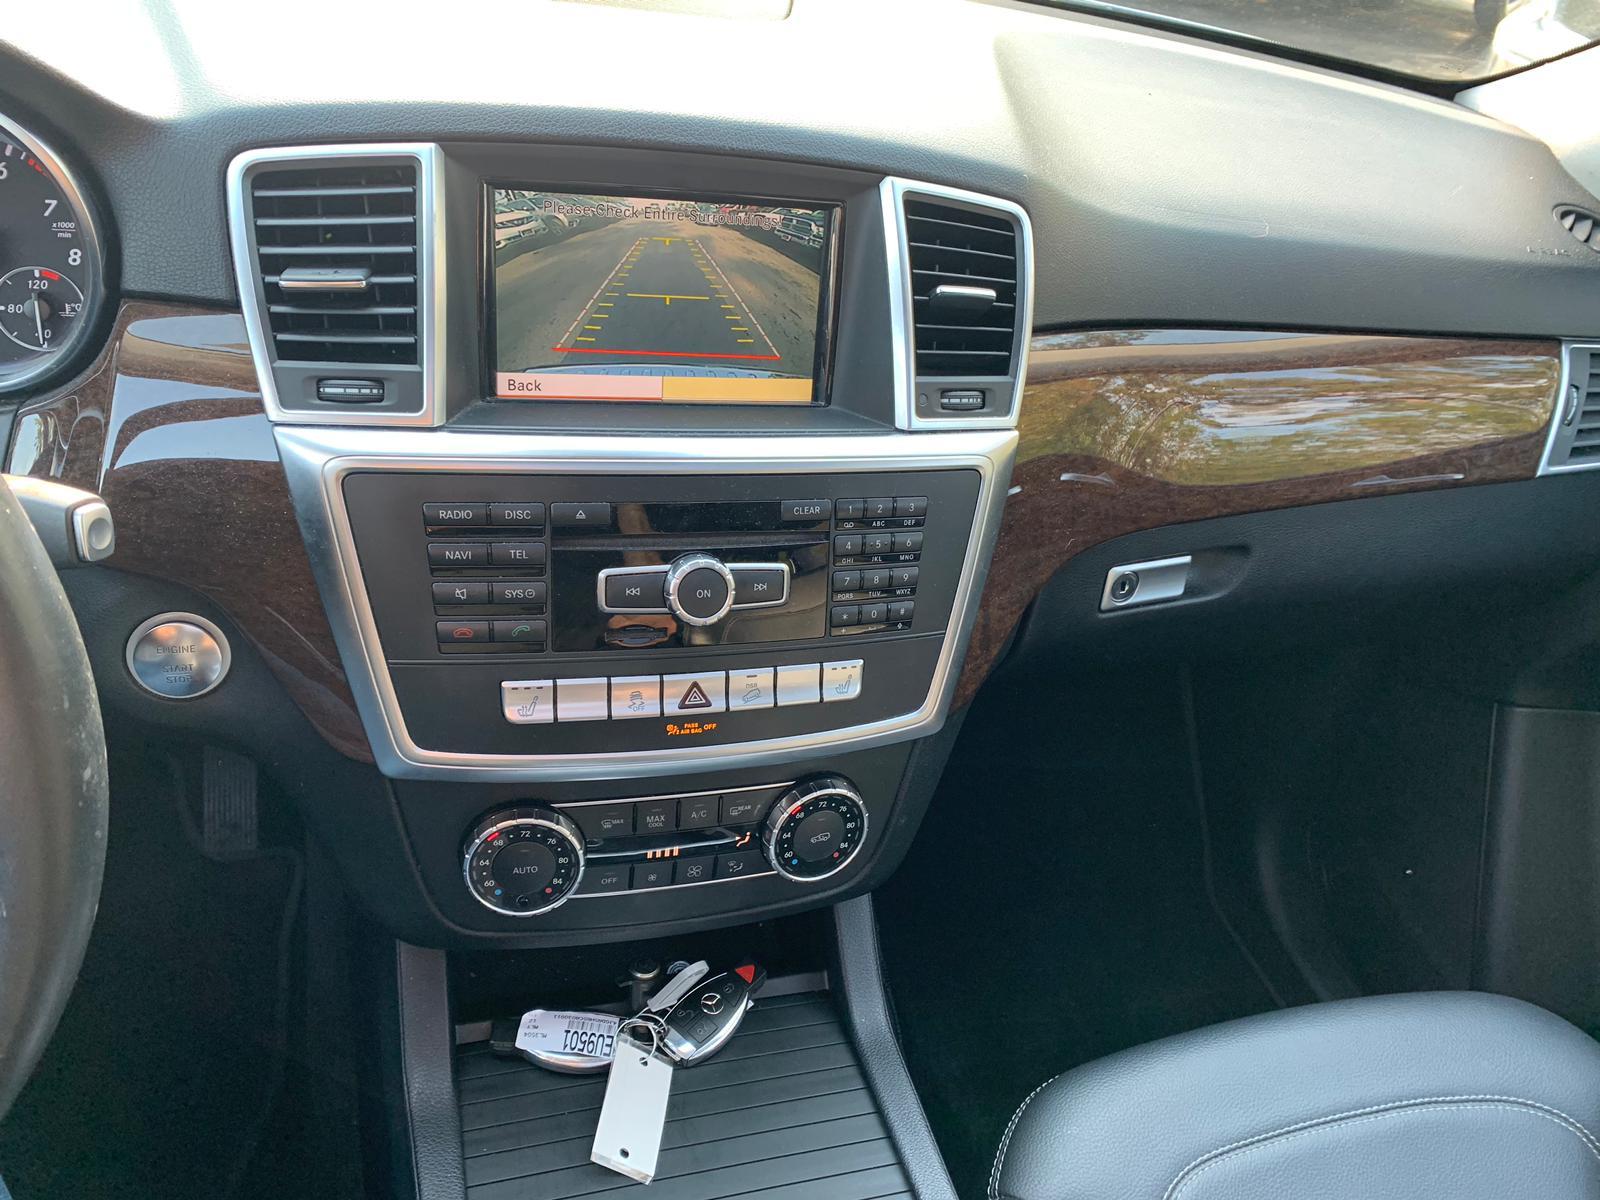 4JGDA5HB5CA030011 - 2012 Mercedes-Benz Ml 350 4Ma 3.5L engine view